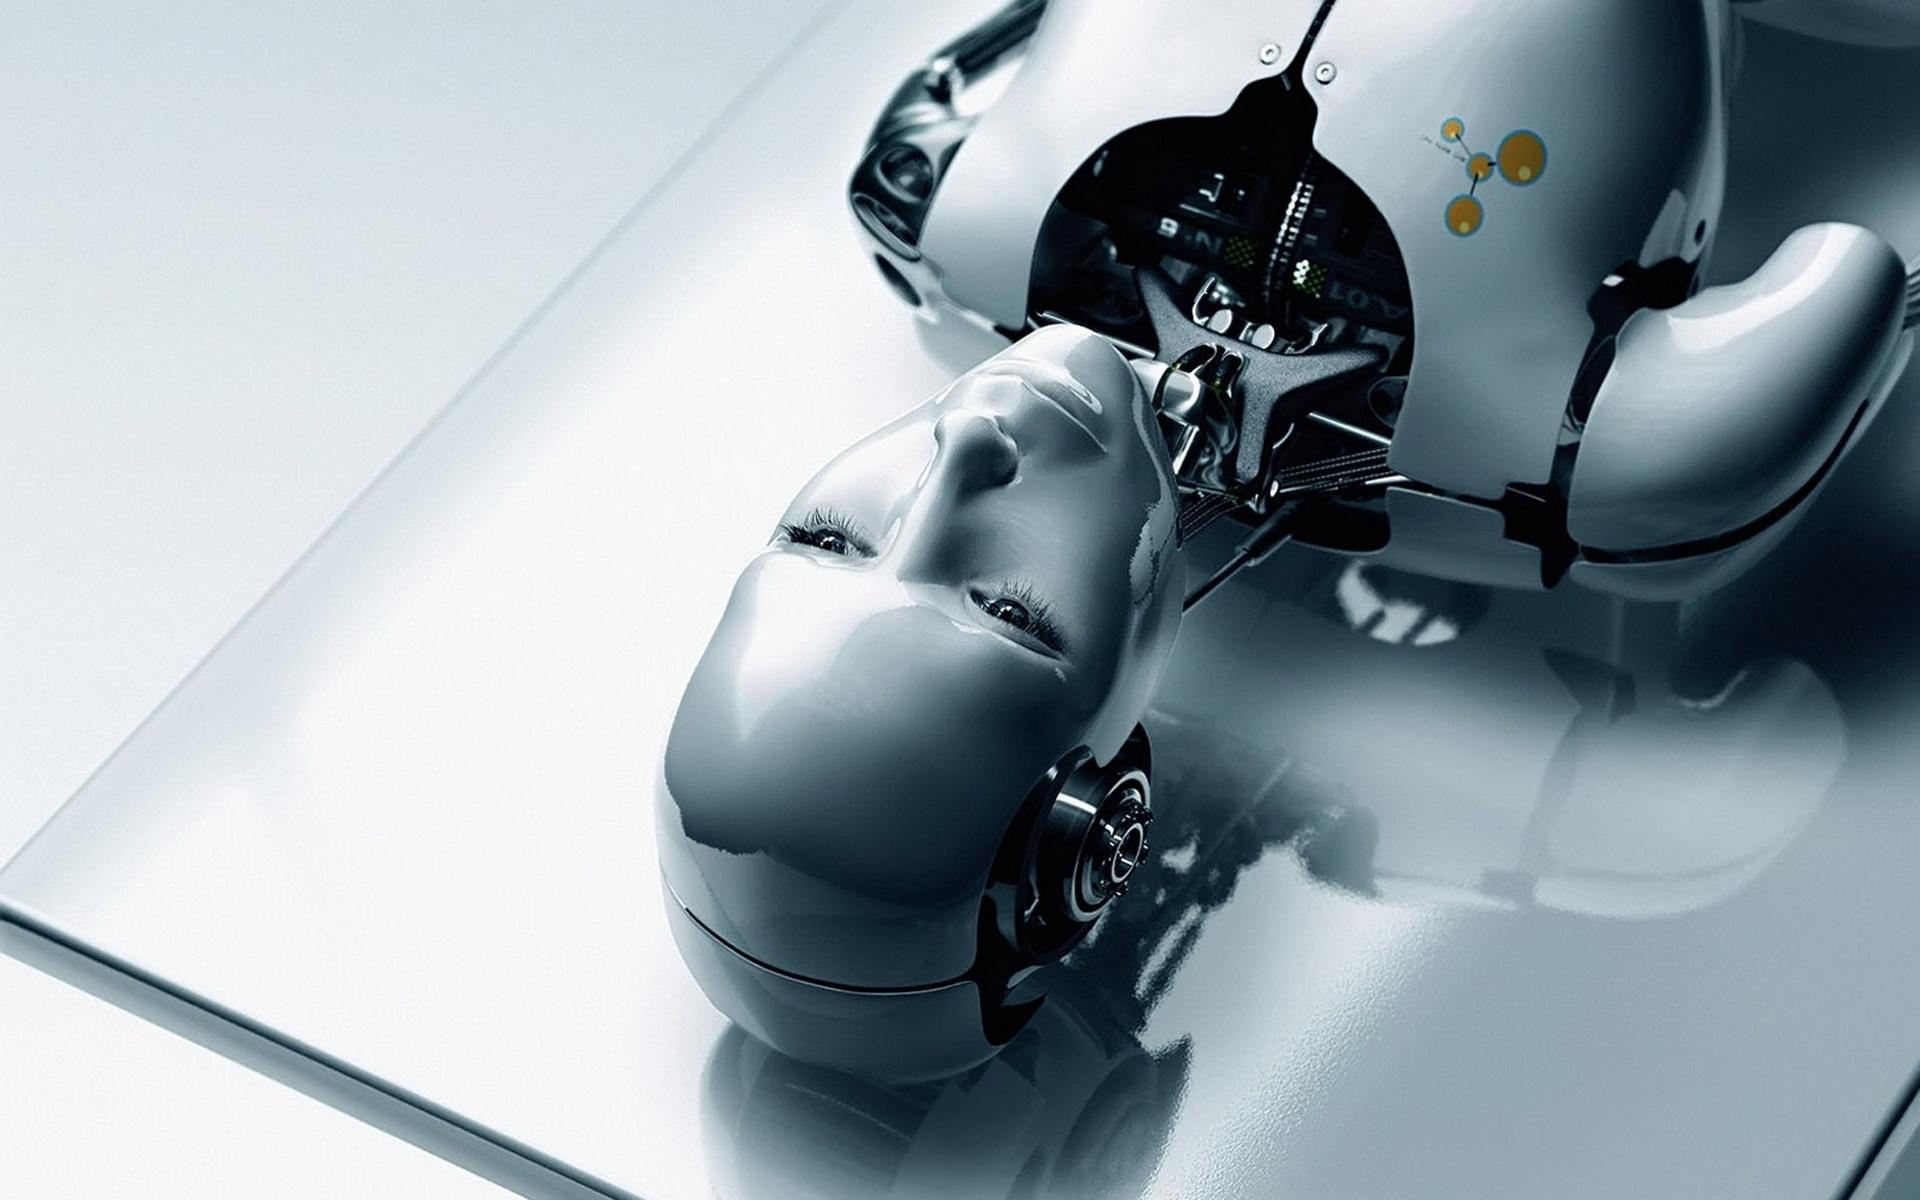 23236 Заставки и Обои Роботы на телефон. Скачать Роботы, Фэнтези картинки бесплатно